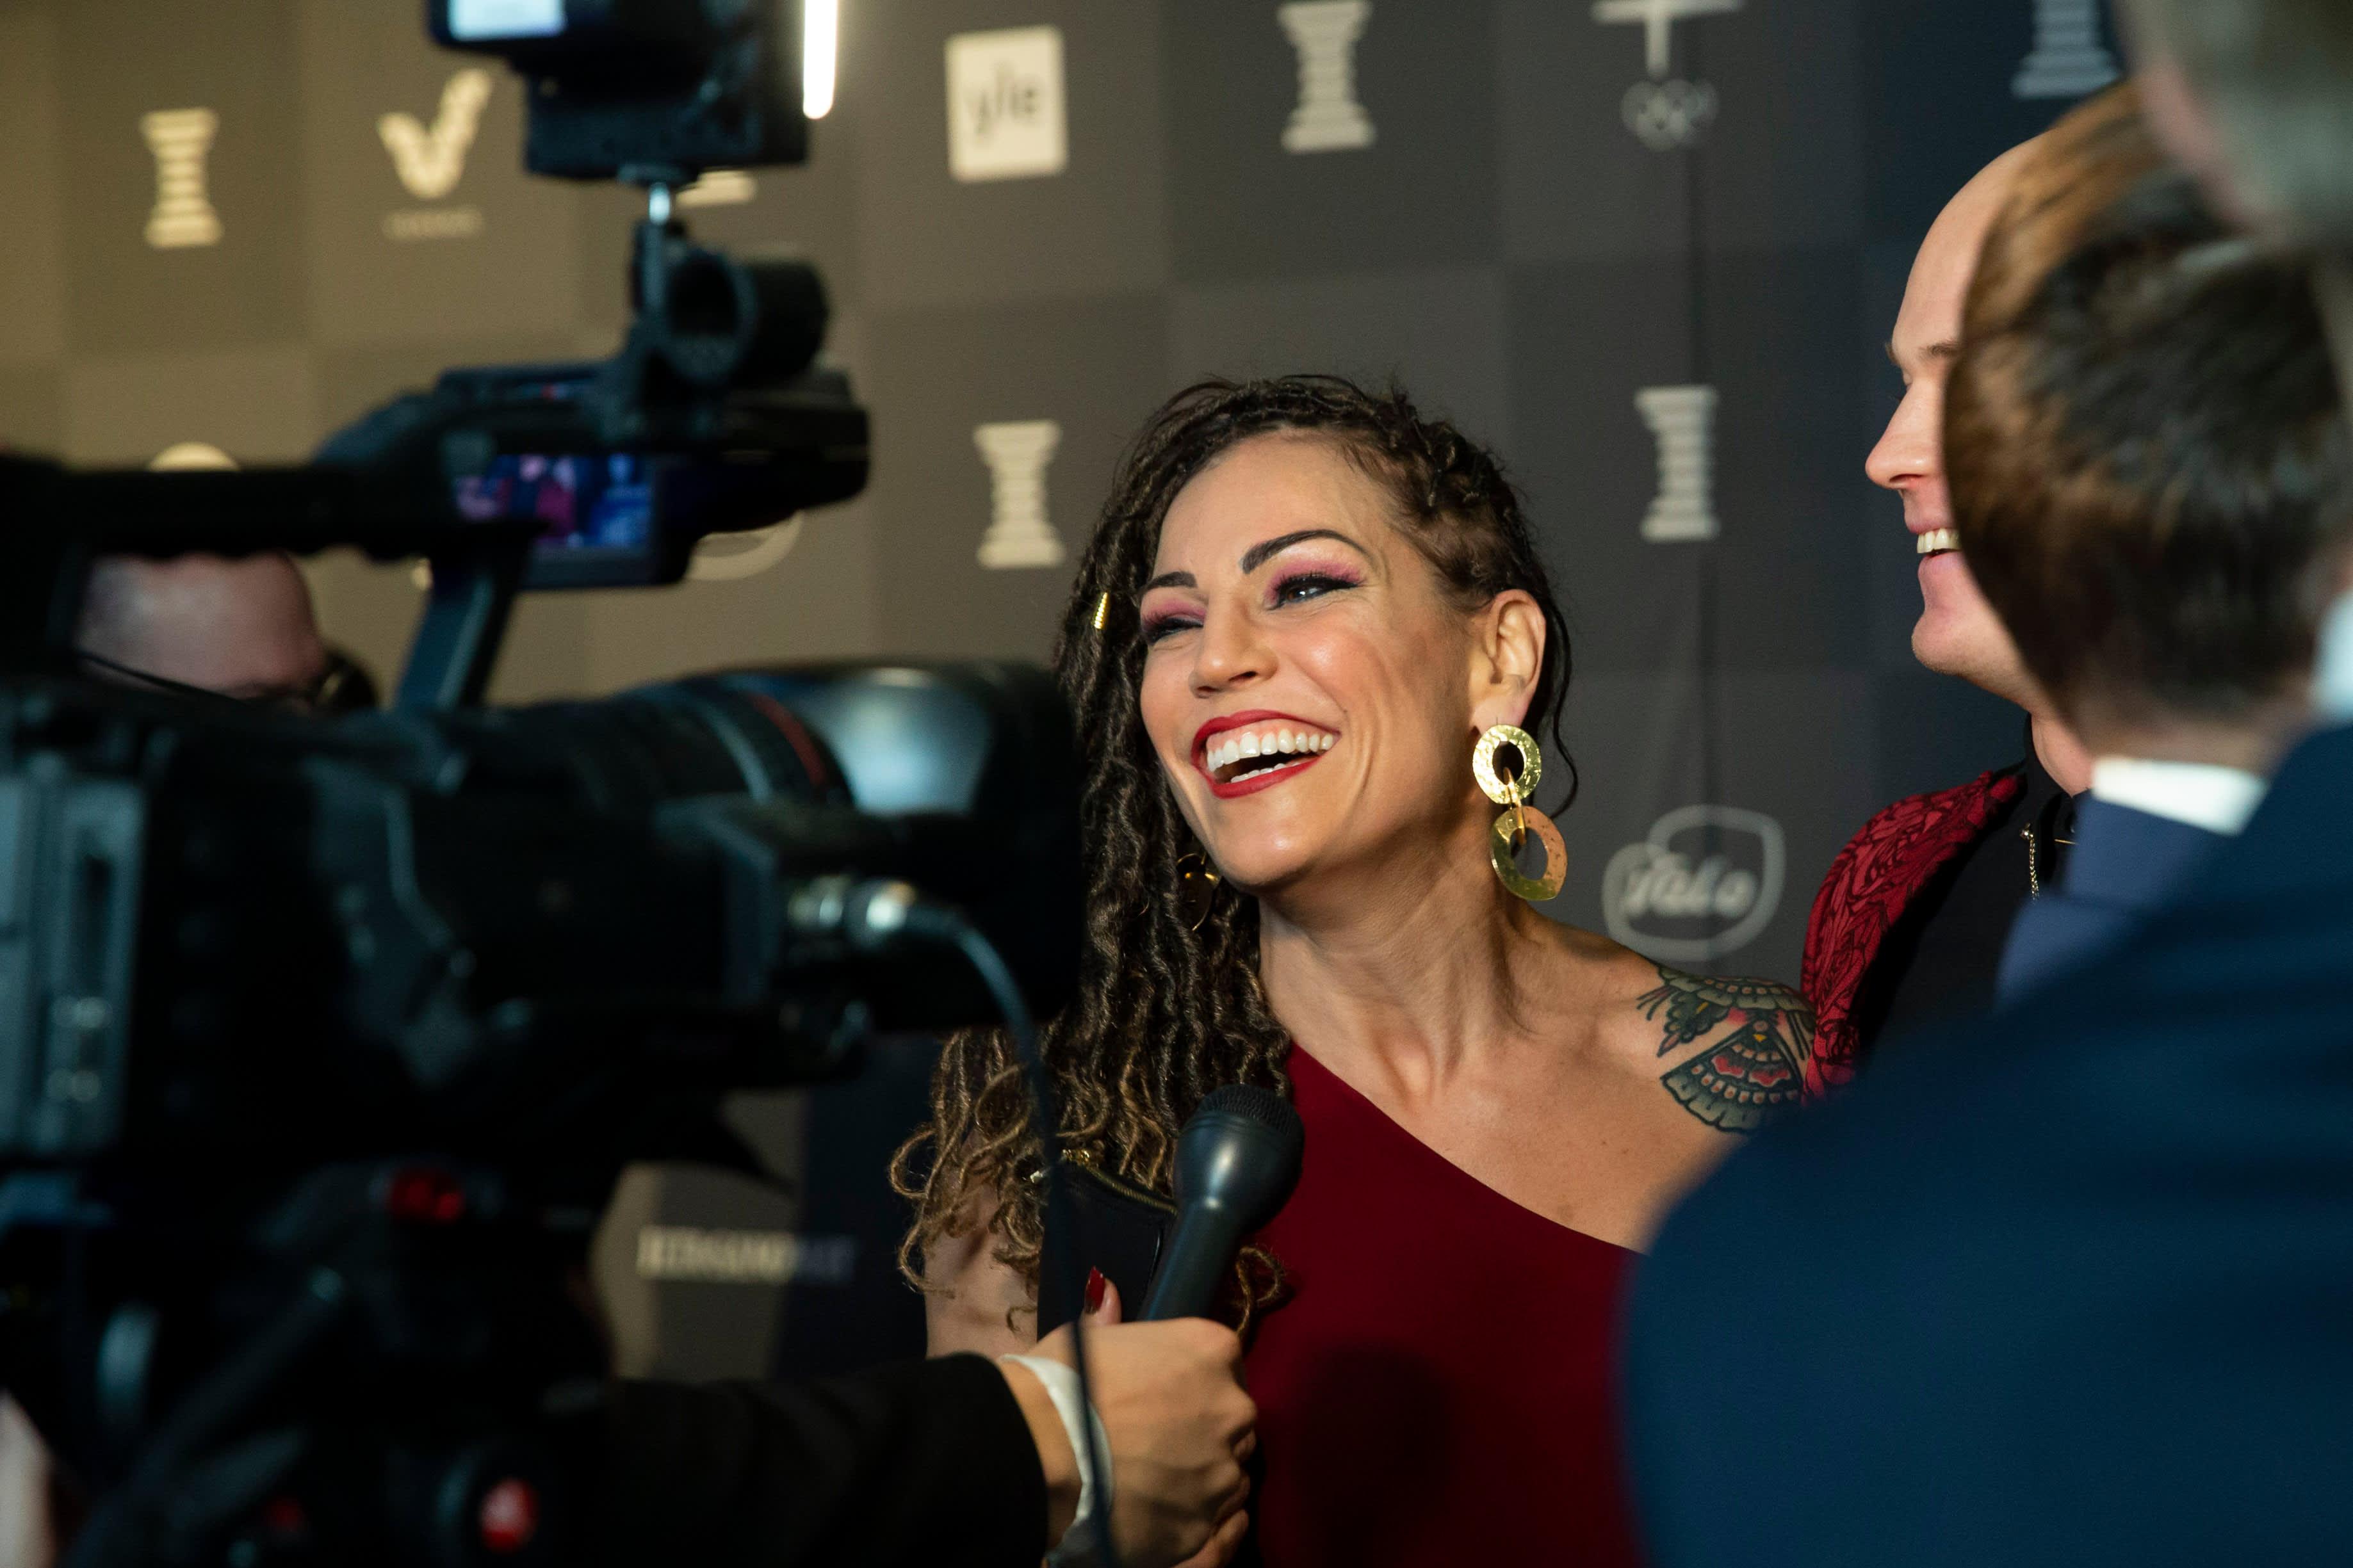 Nyrkkeilijä Eva Wahlström nauraa Urheilugaalan haastattelussa